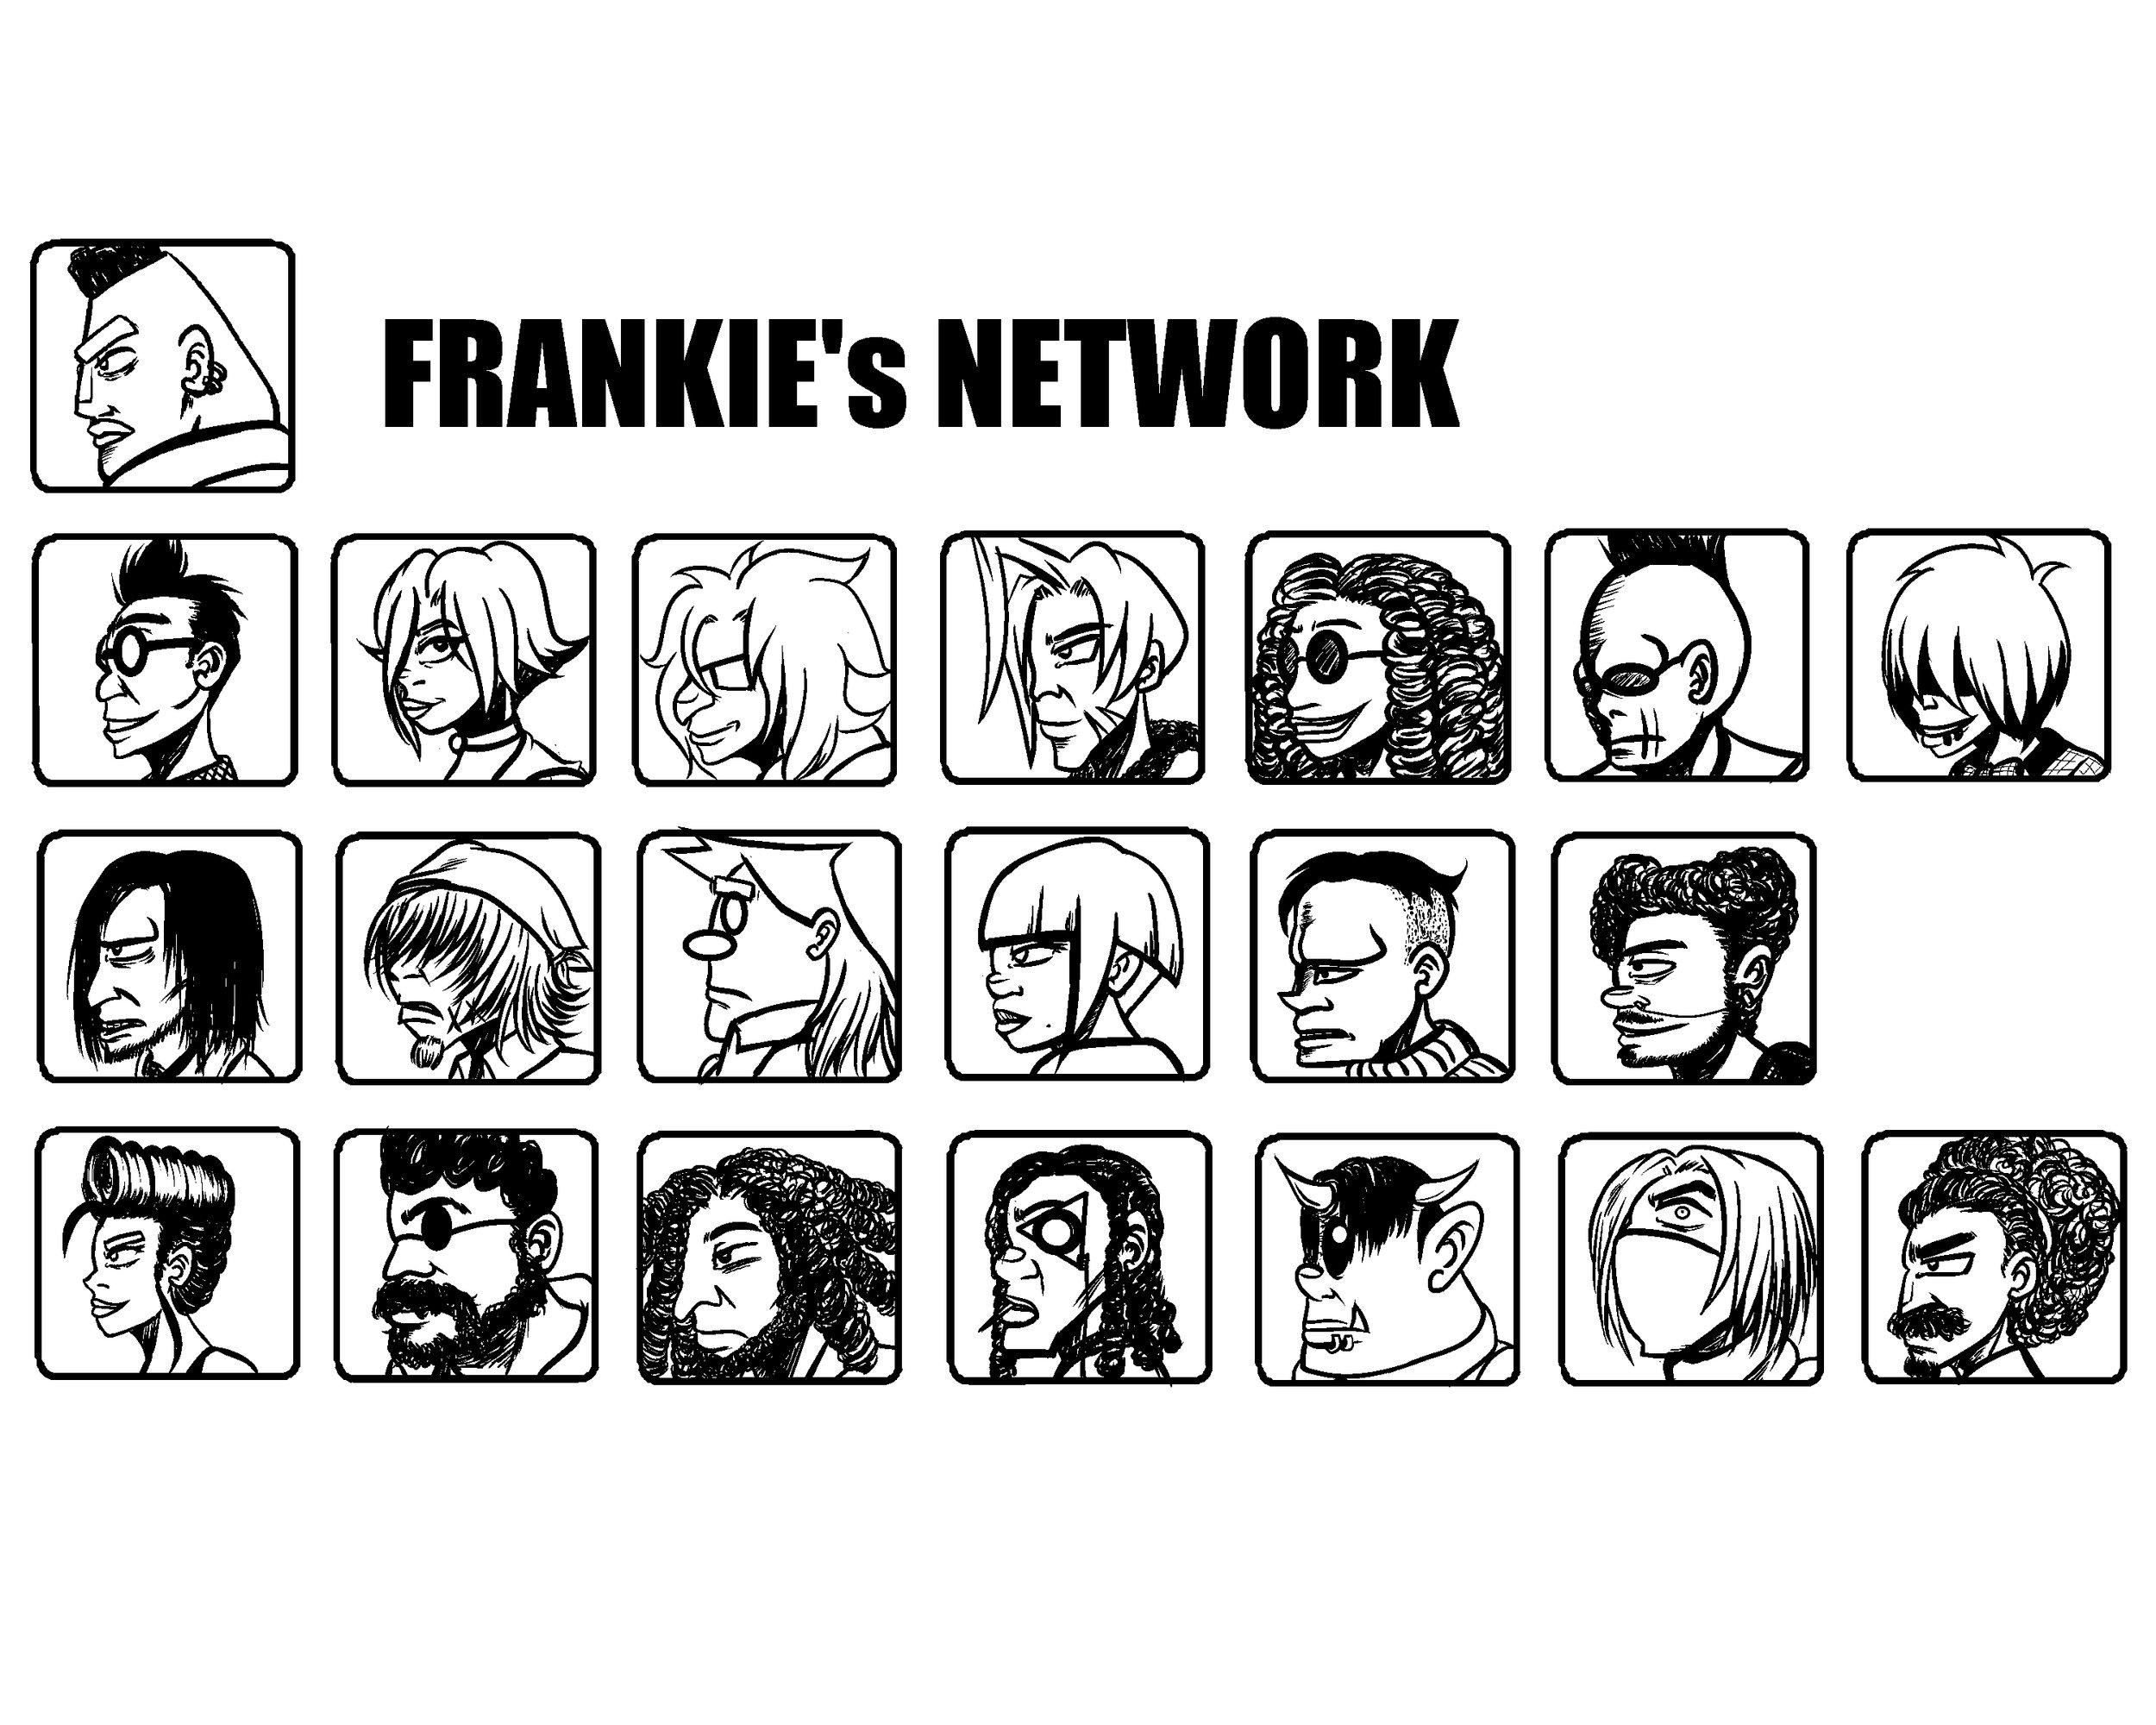 frankiesnetwork.jpg